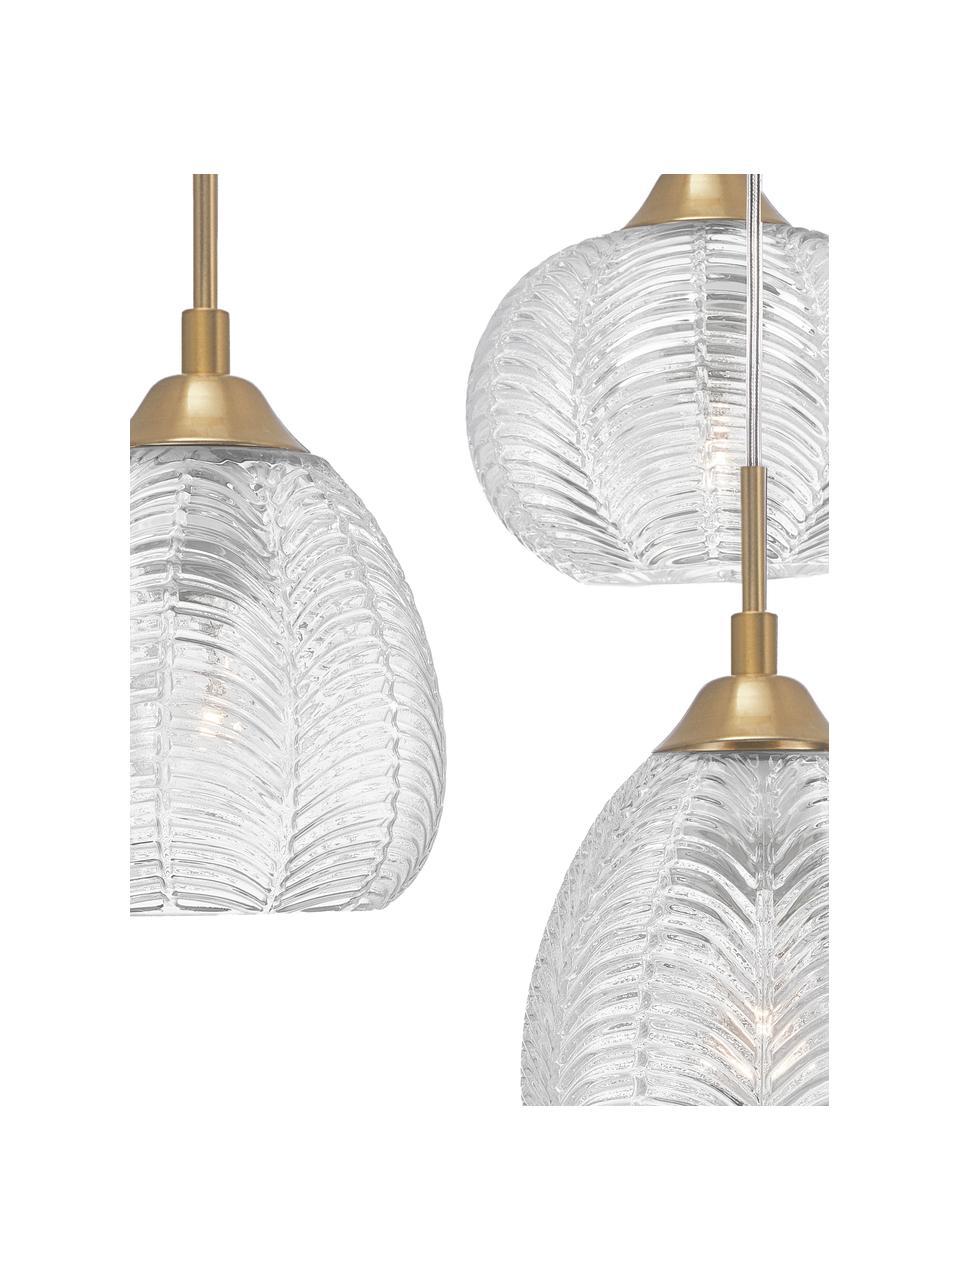 Lampa wisząca ze szkła satynowego Vario, Odcienie złotego, transparentny, Ø 39 x W 24 cm